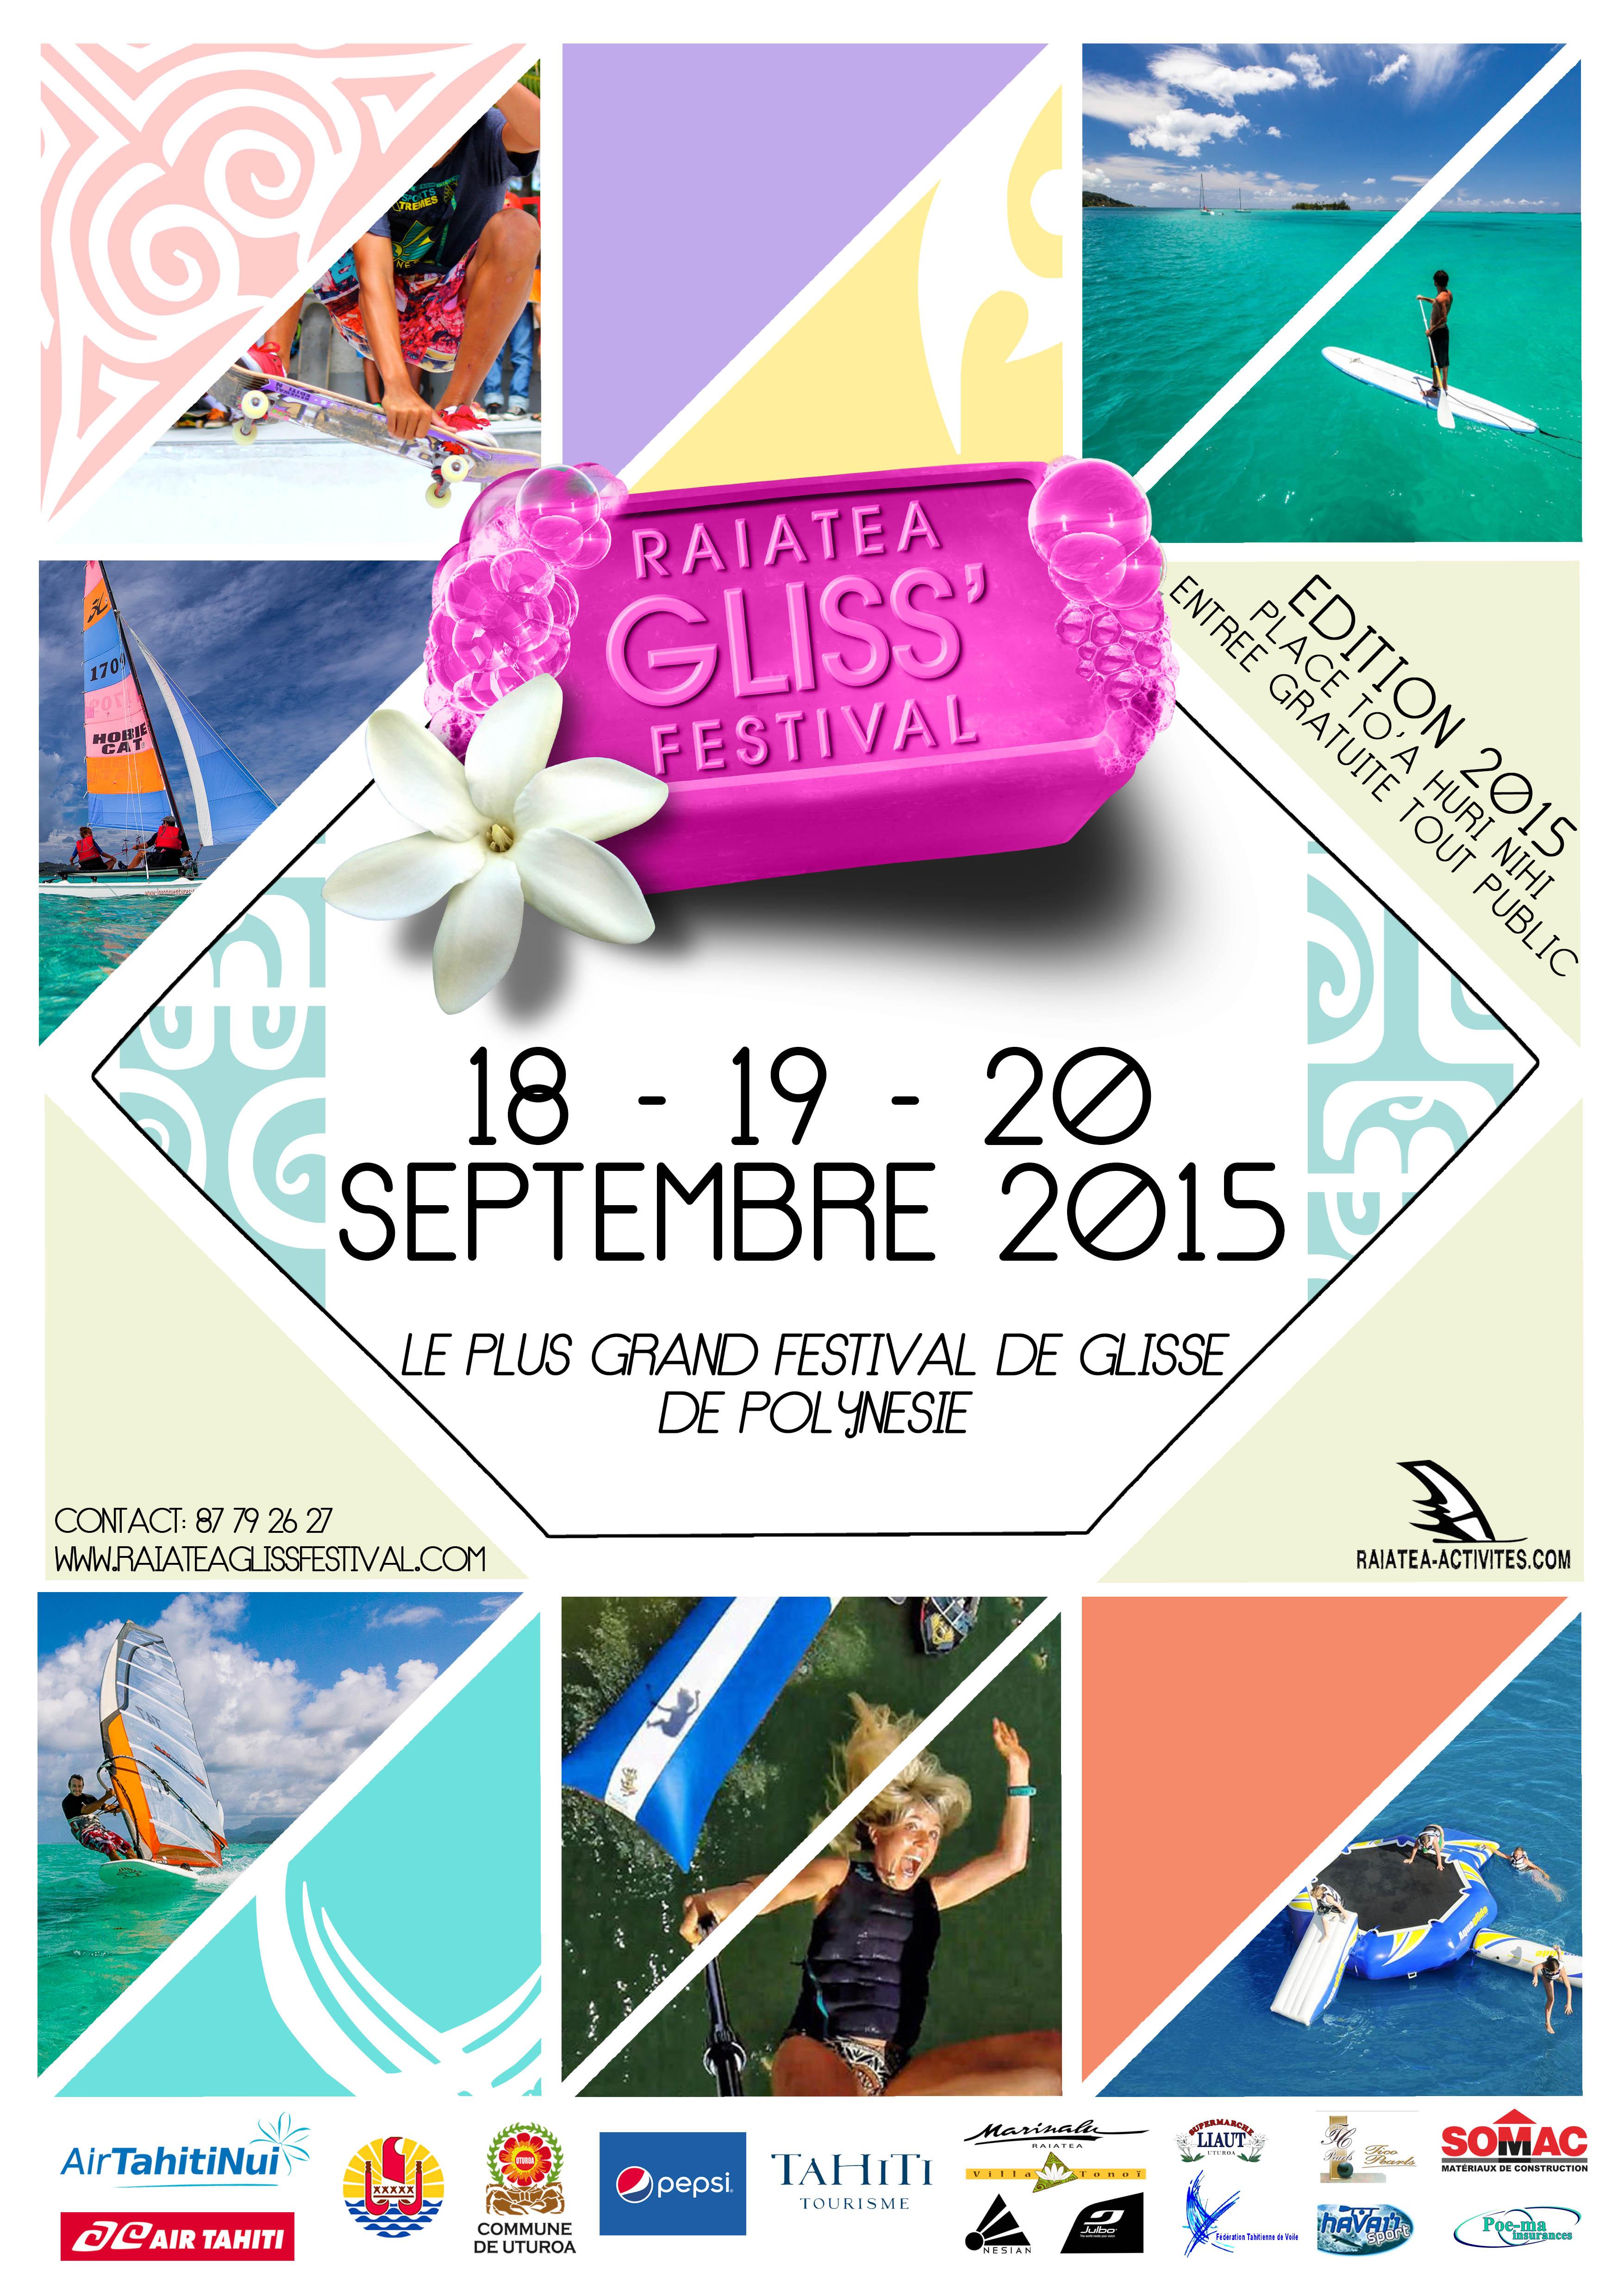 Deuxième édition du Raiatea Gliss festival